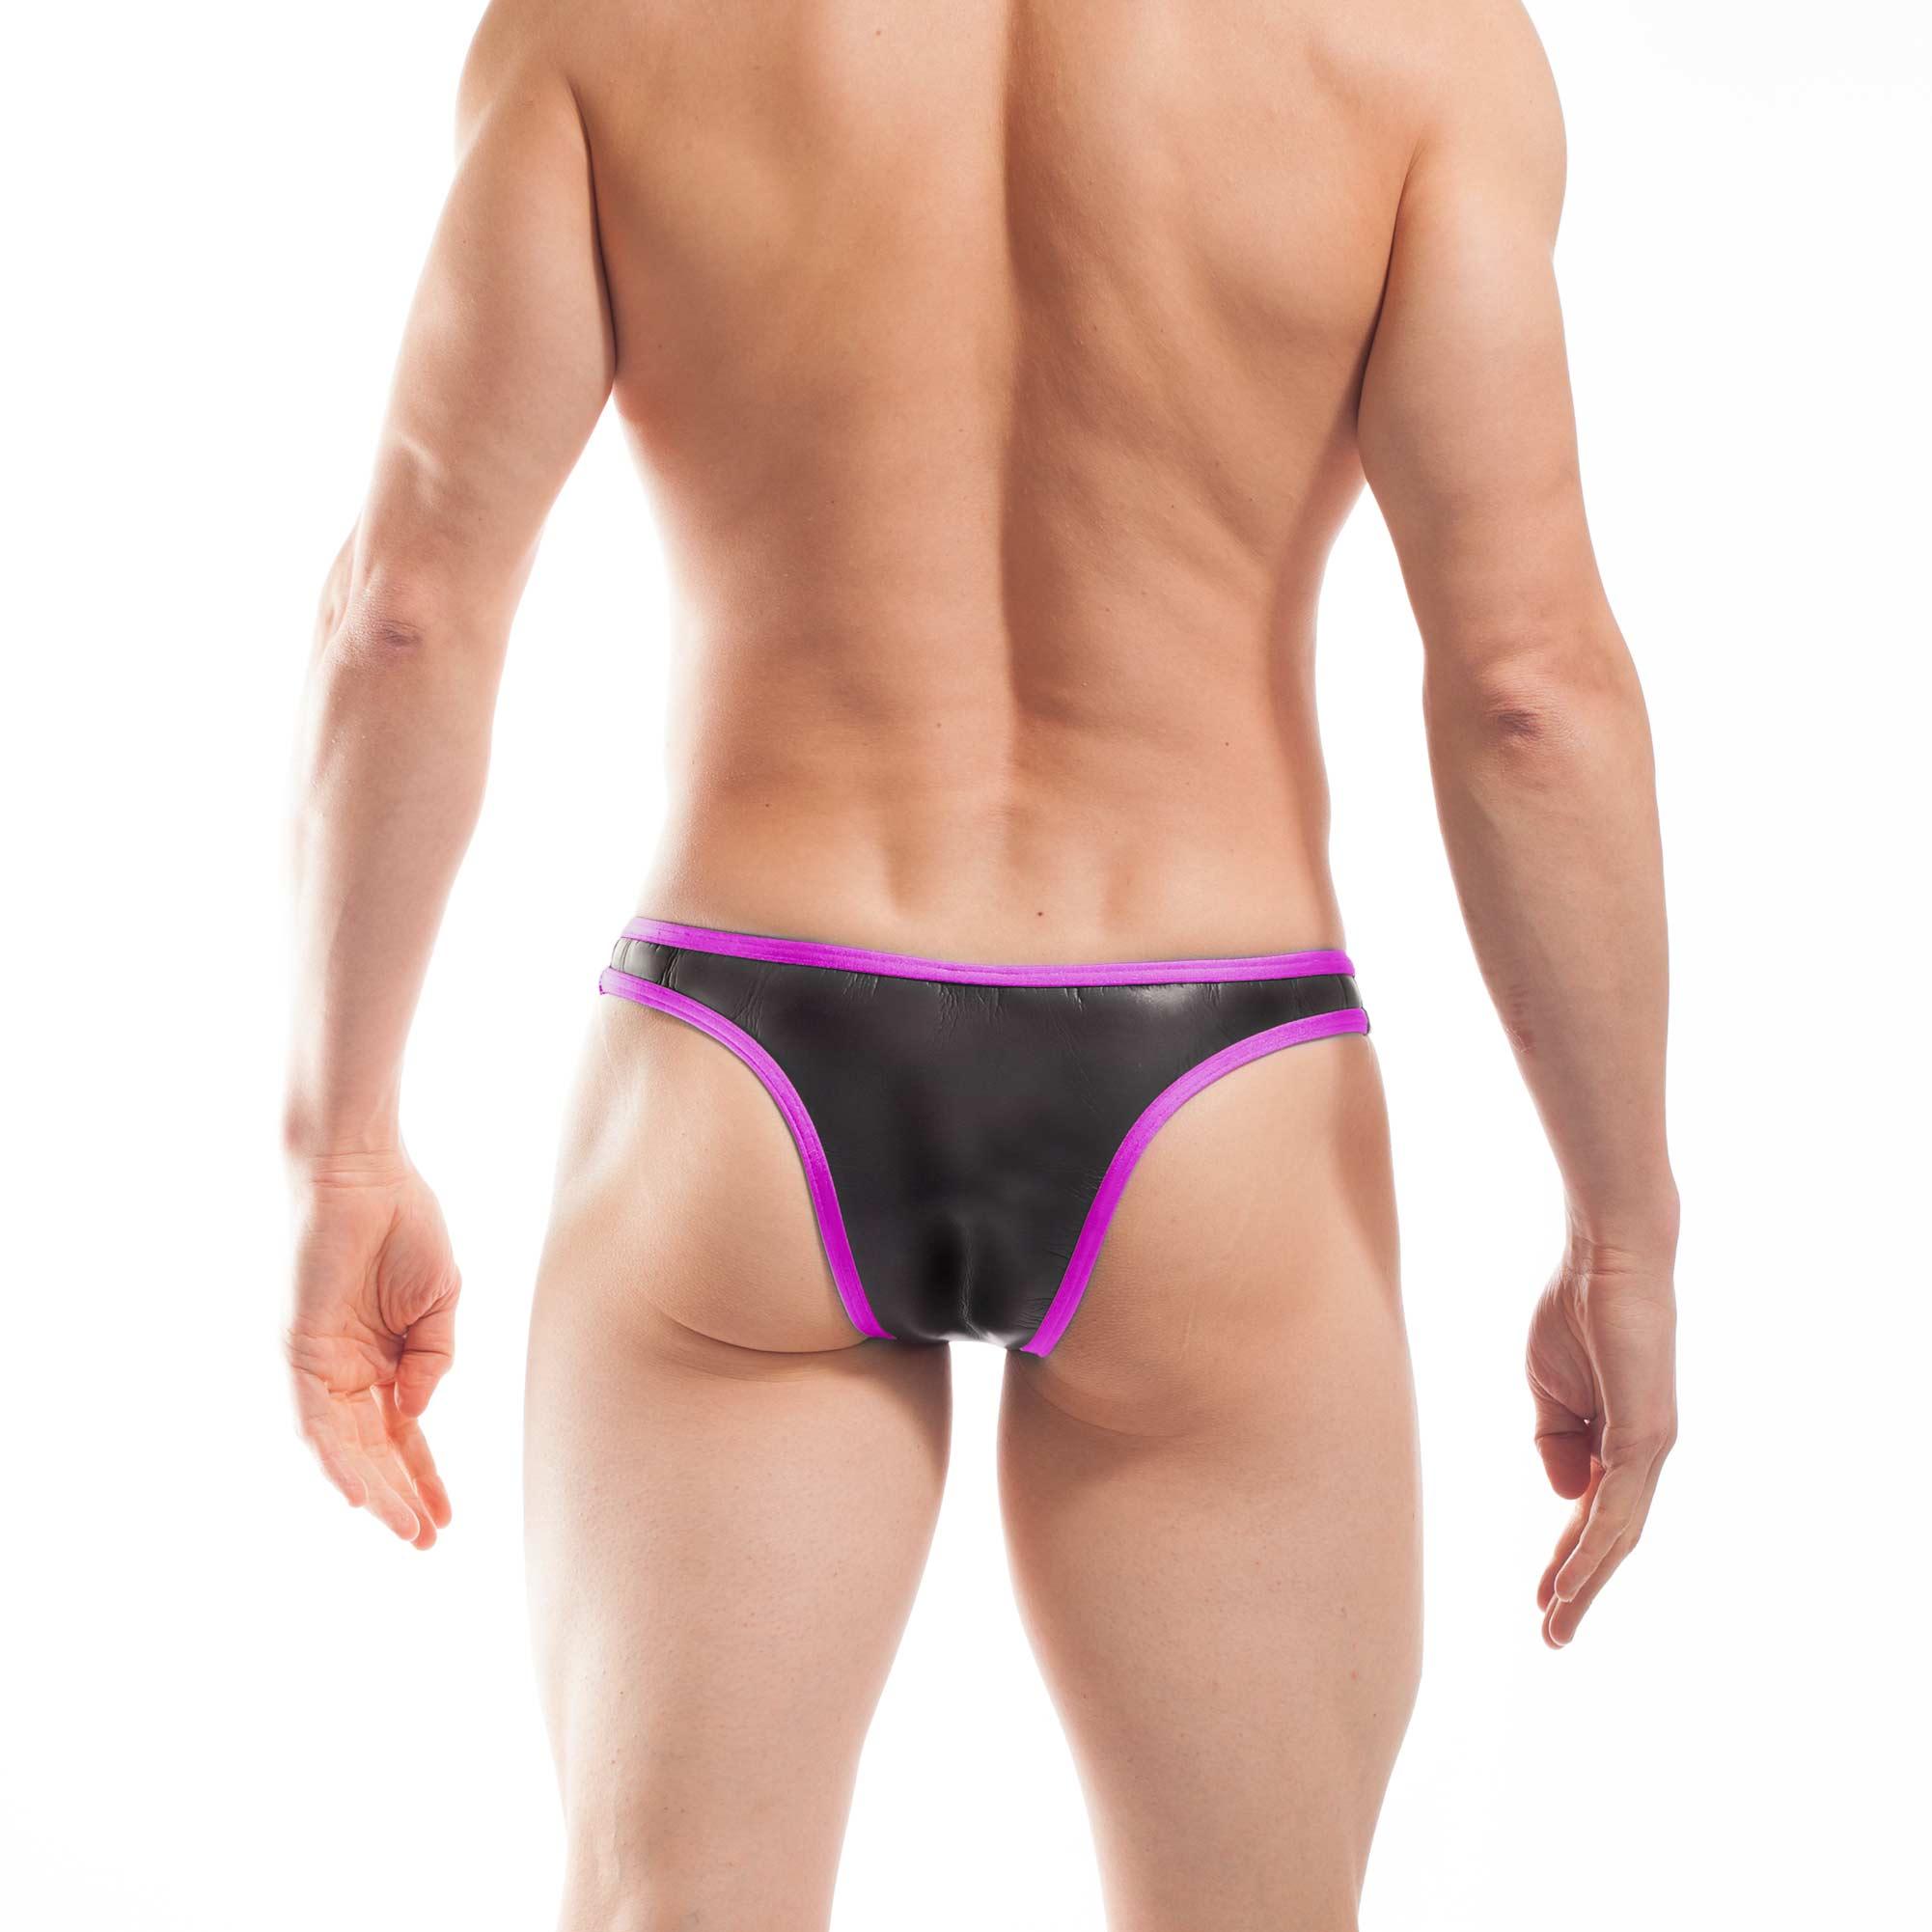 Bade Tanga, Neopren Tanga, Glatthautneopren, erotischer Brasil Slip, Männer Brasil, neon pink